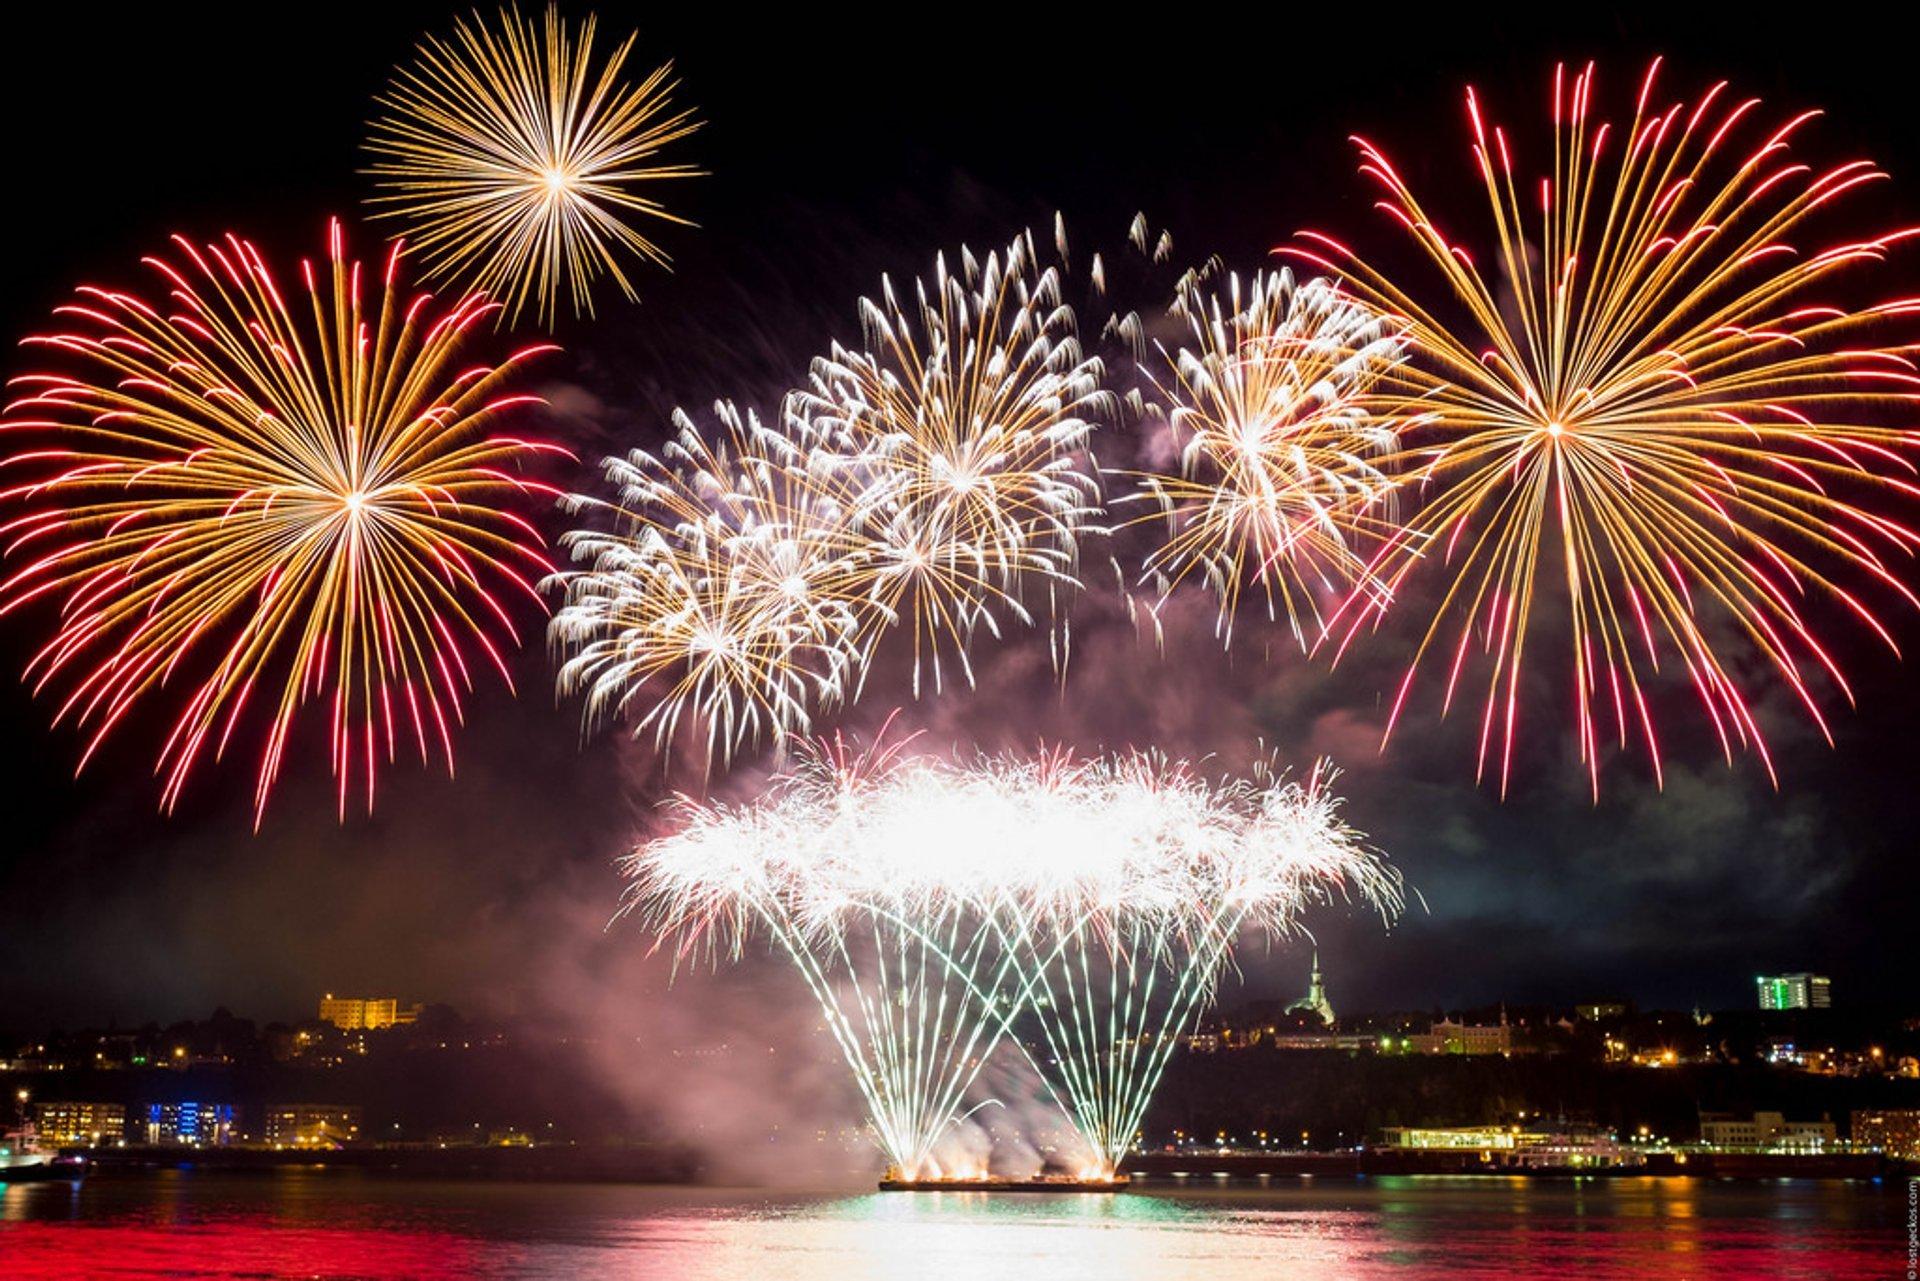 Les Grands Feux Loto-Québec (Fireworks Festival) in Quebec 2020 - Best Time